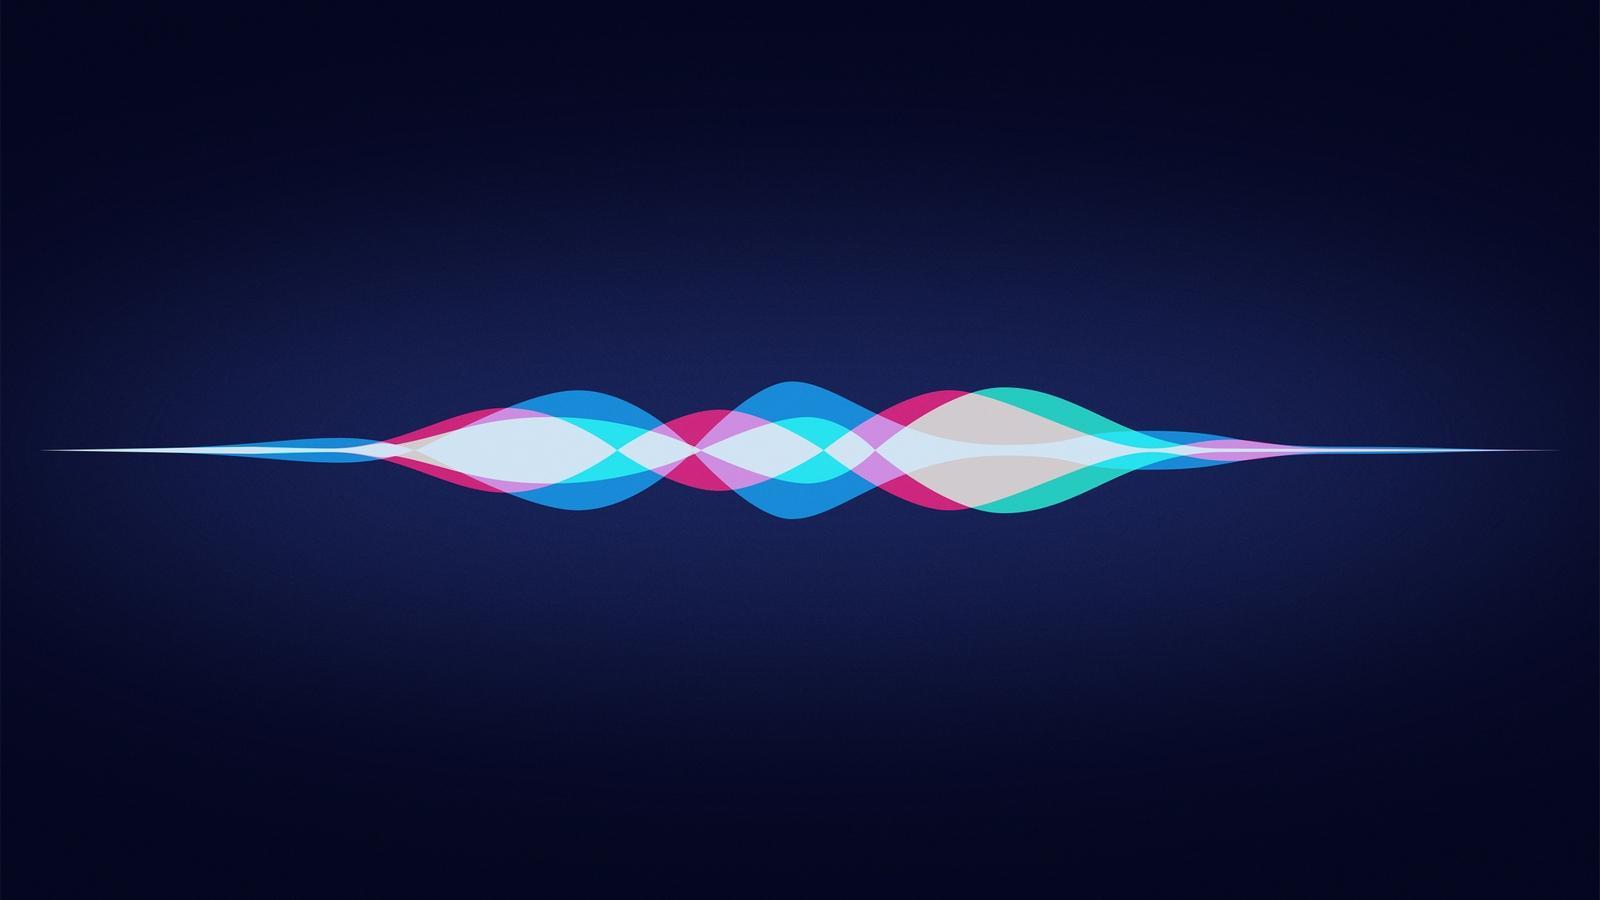 Siri en iOS 11 y macOS 12 con integración con iCloud y iMessage